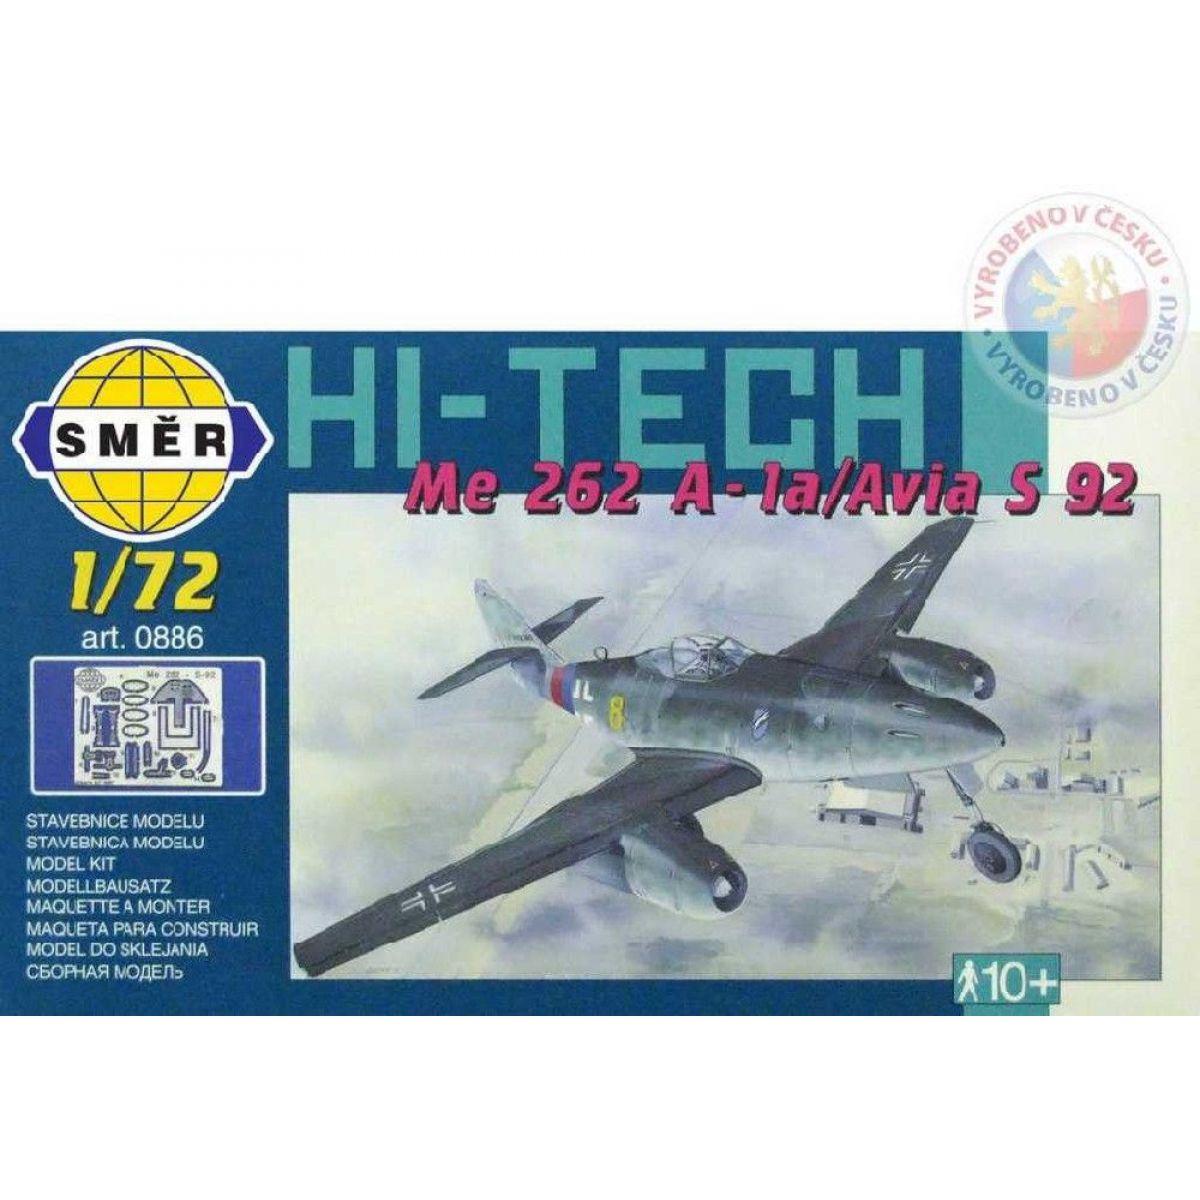 Směr Model Messerschmitt Me 262 A - la Avia S 92 HI TECH 1:72